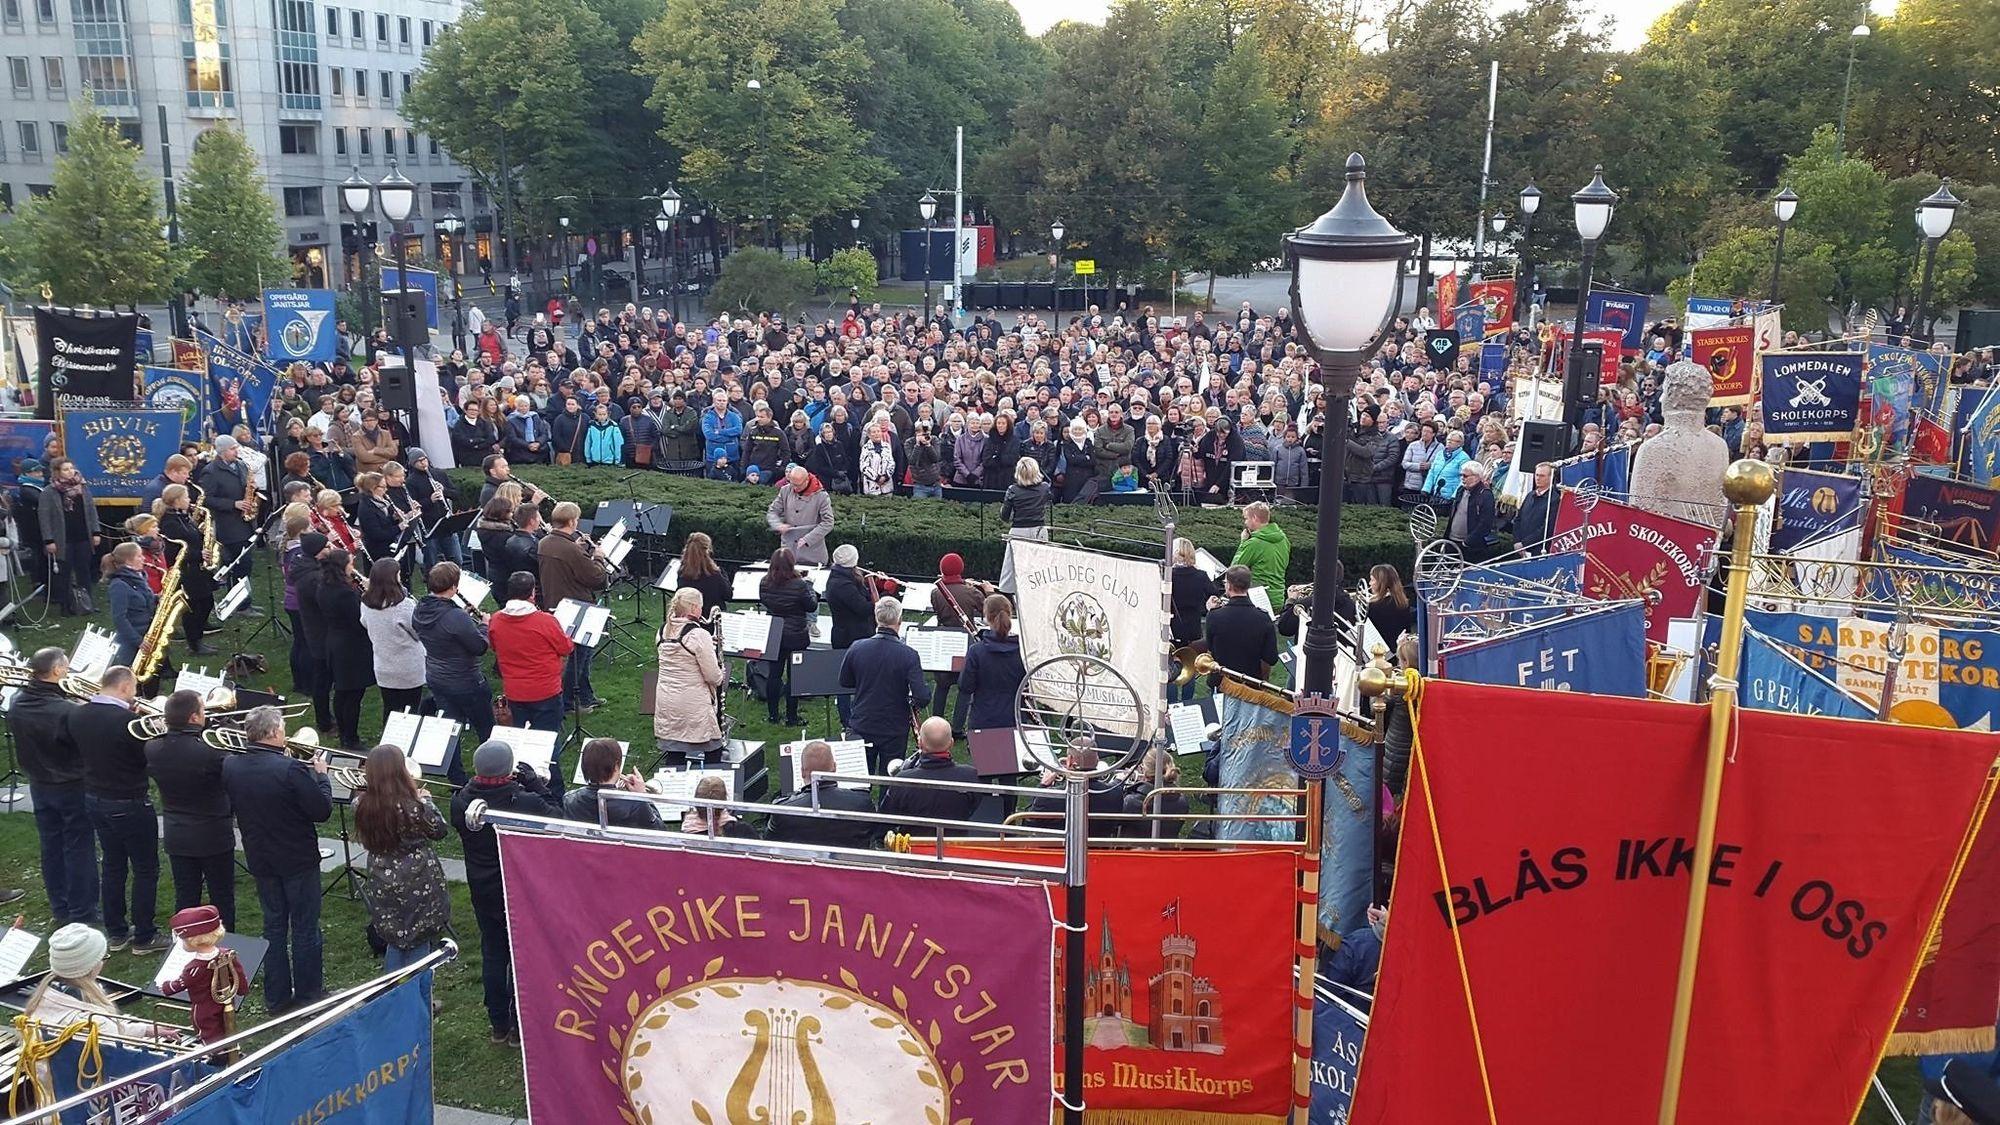 MANGE TILSTEDE: Det var rundt 200 korpsfaner å se, og et helt hav av musikere som protesterte.